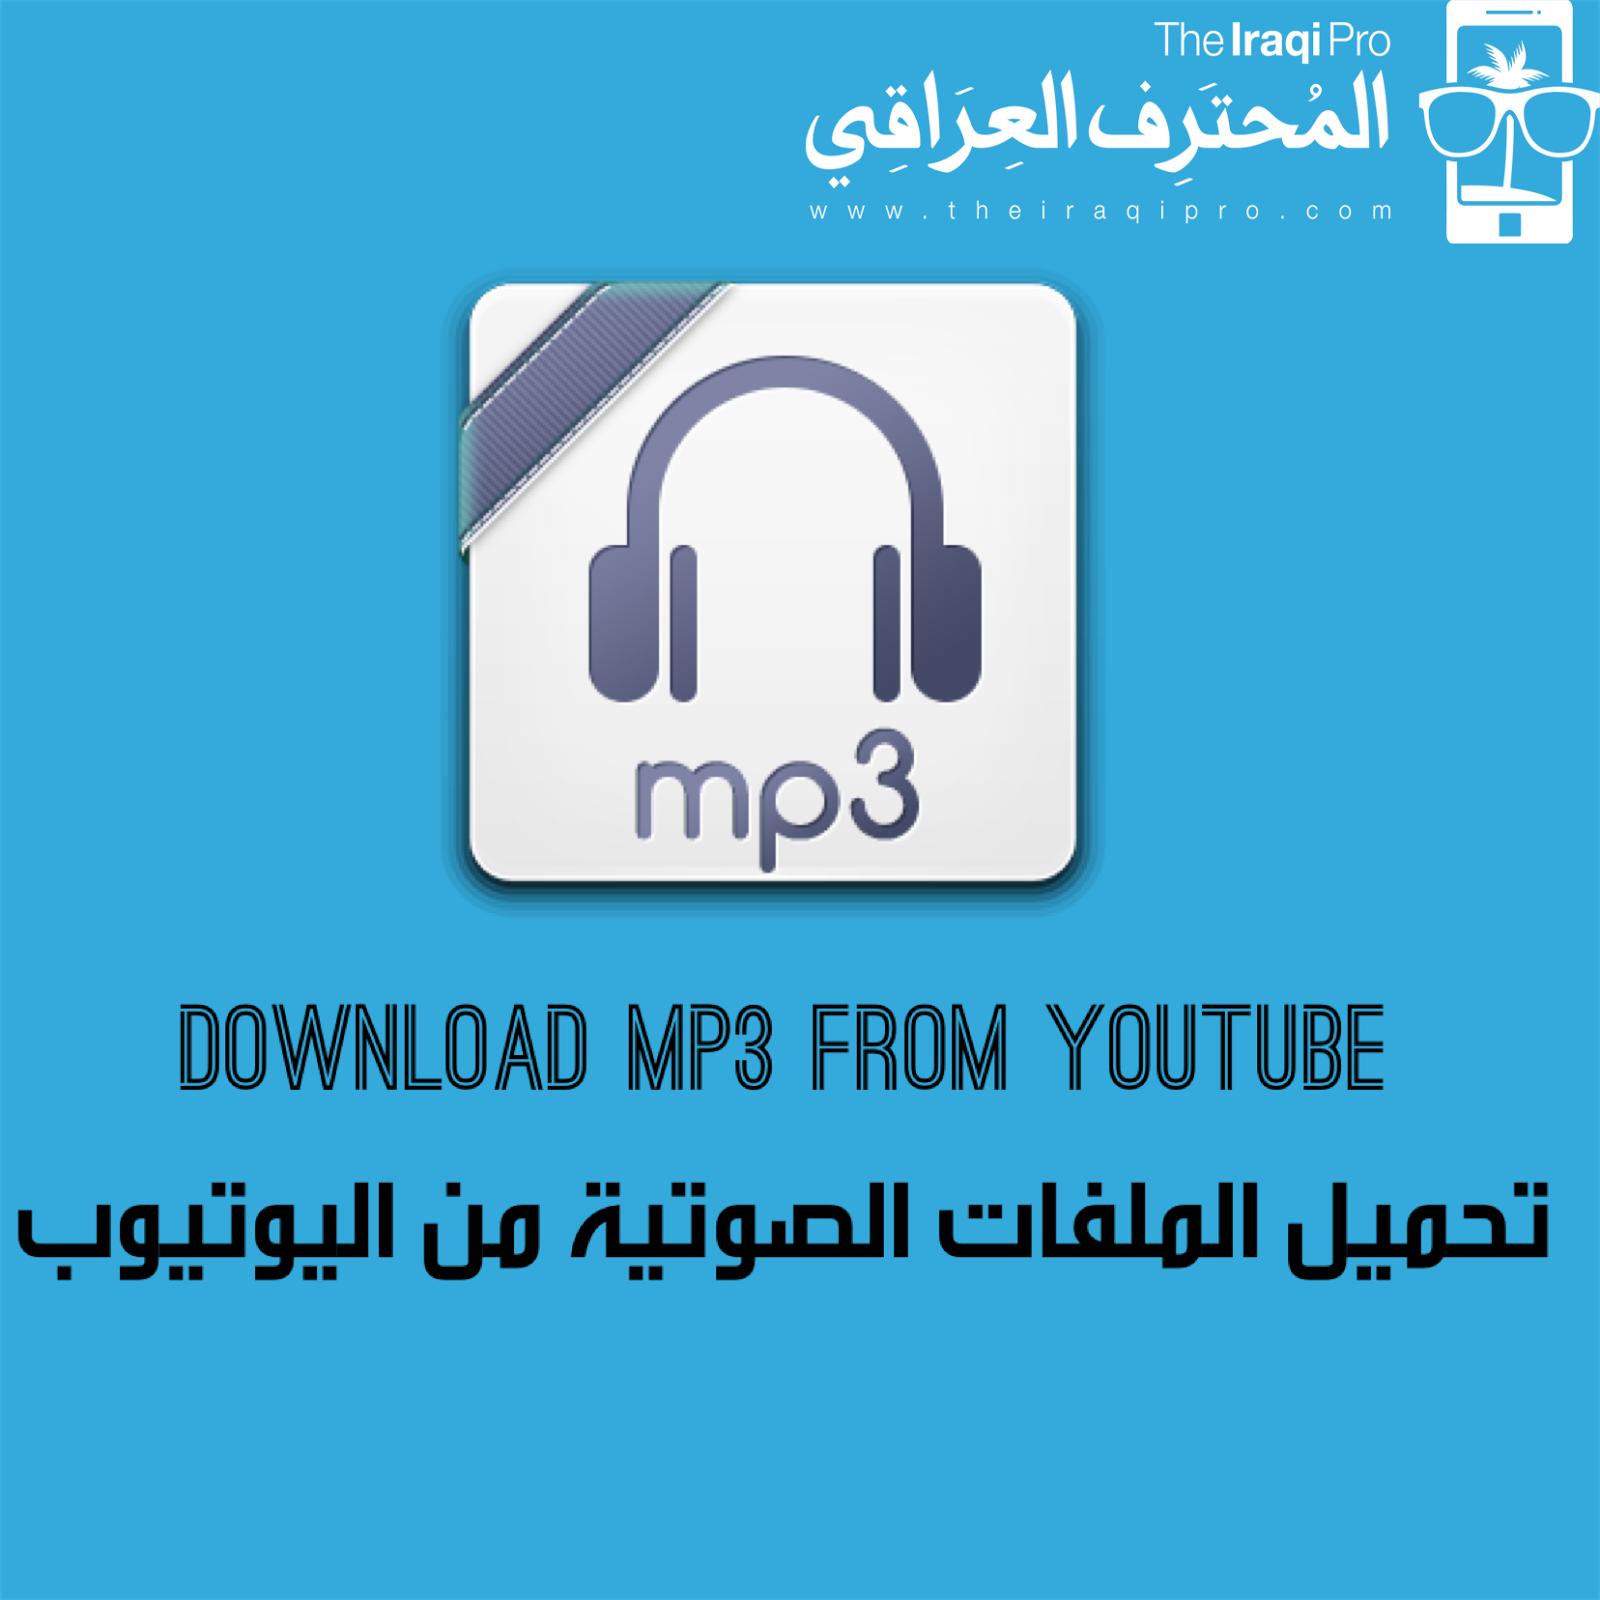 تحميل نغمات Mp3 من اليوتيوب للايفون والايباد مدونة المحترف العراقي